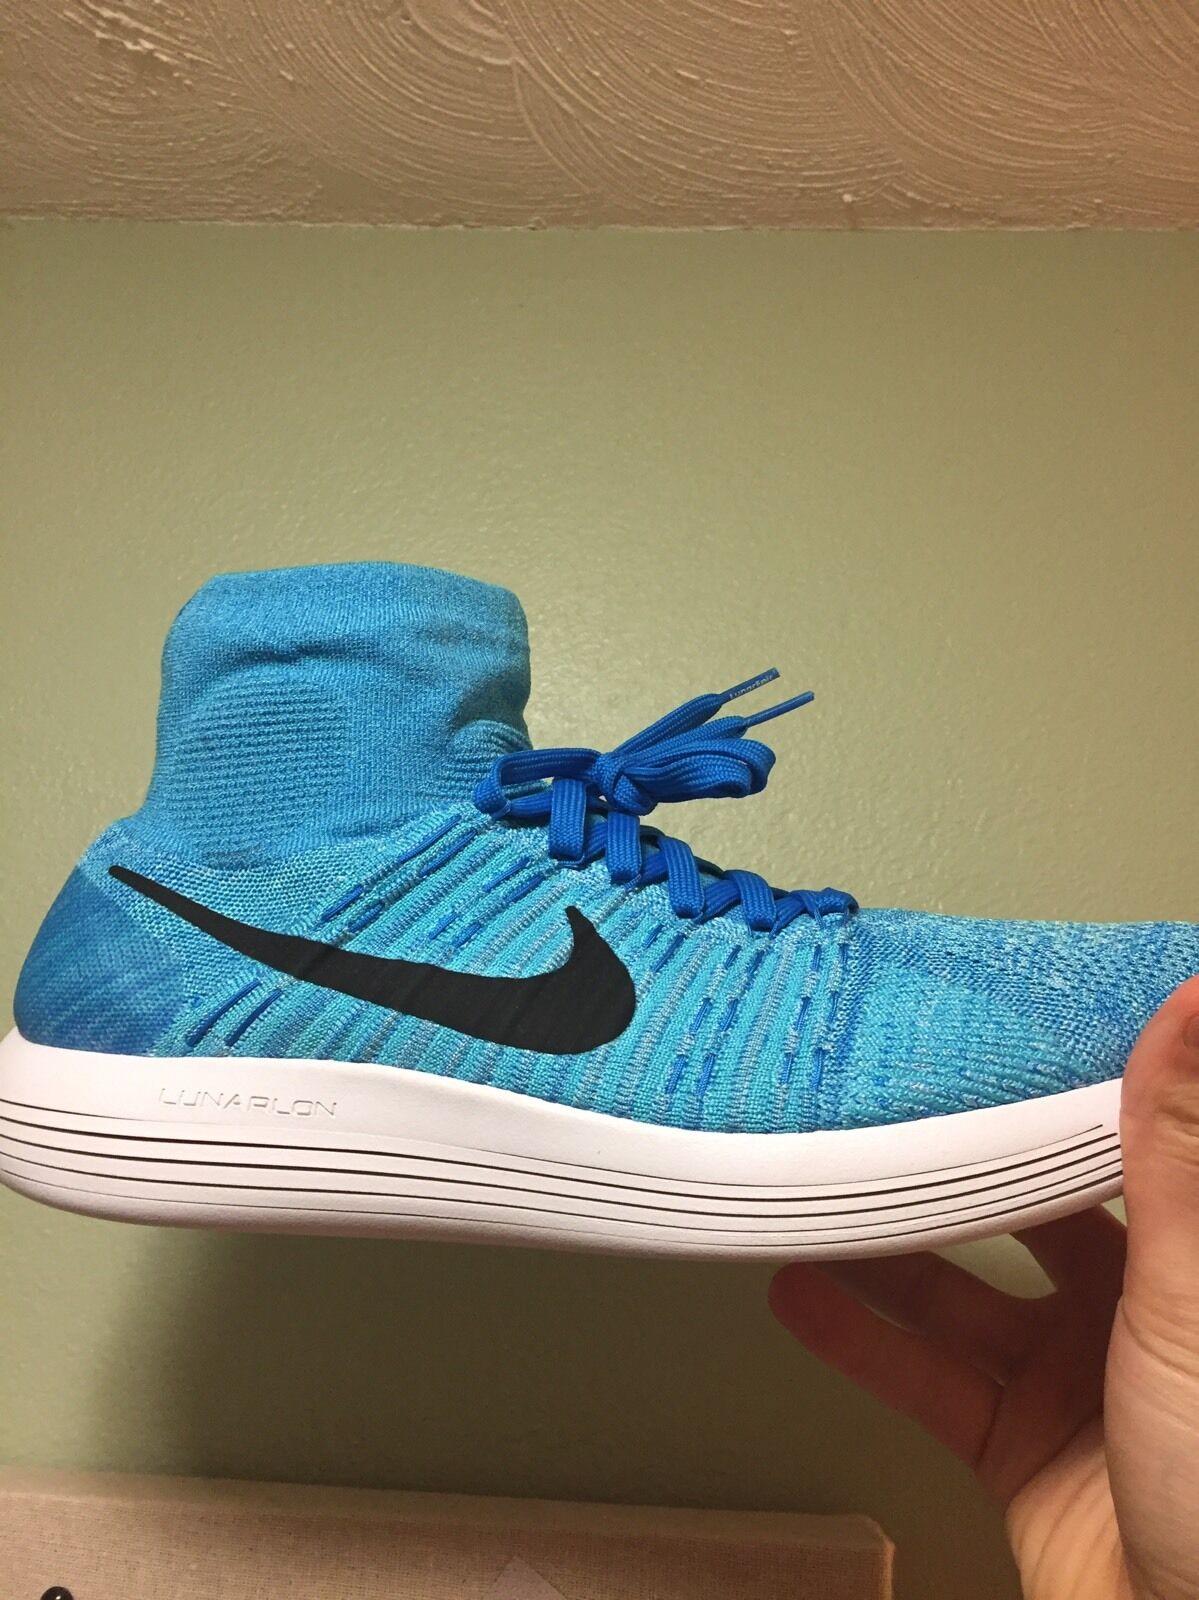 Men's Nike Lunarepic Flyknit Size 15 15 15 (818676 404) No Box 77676c